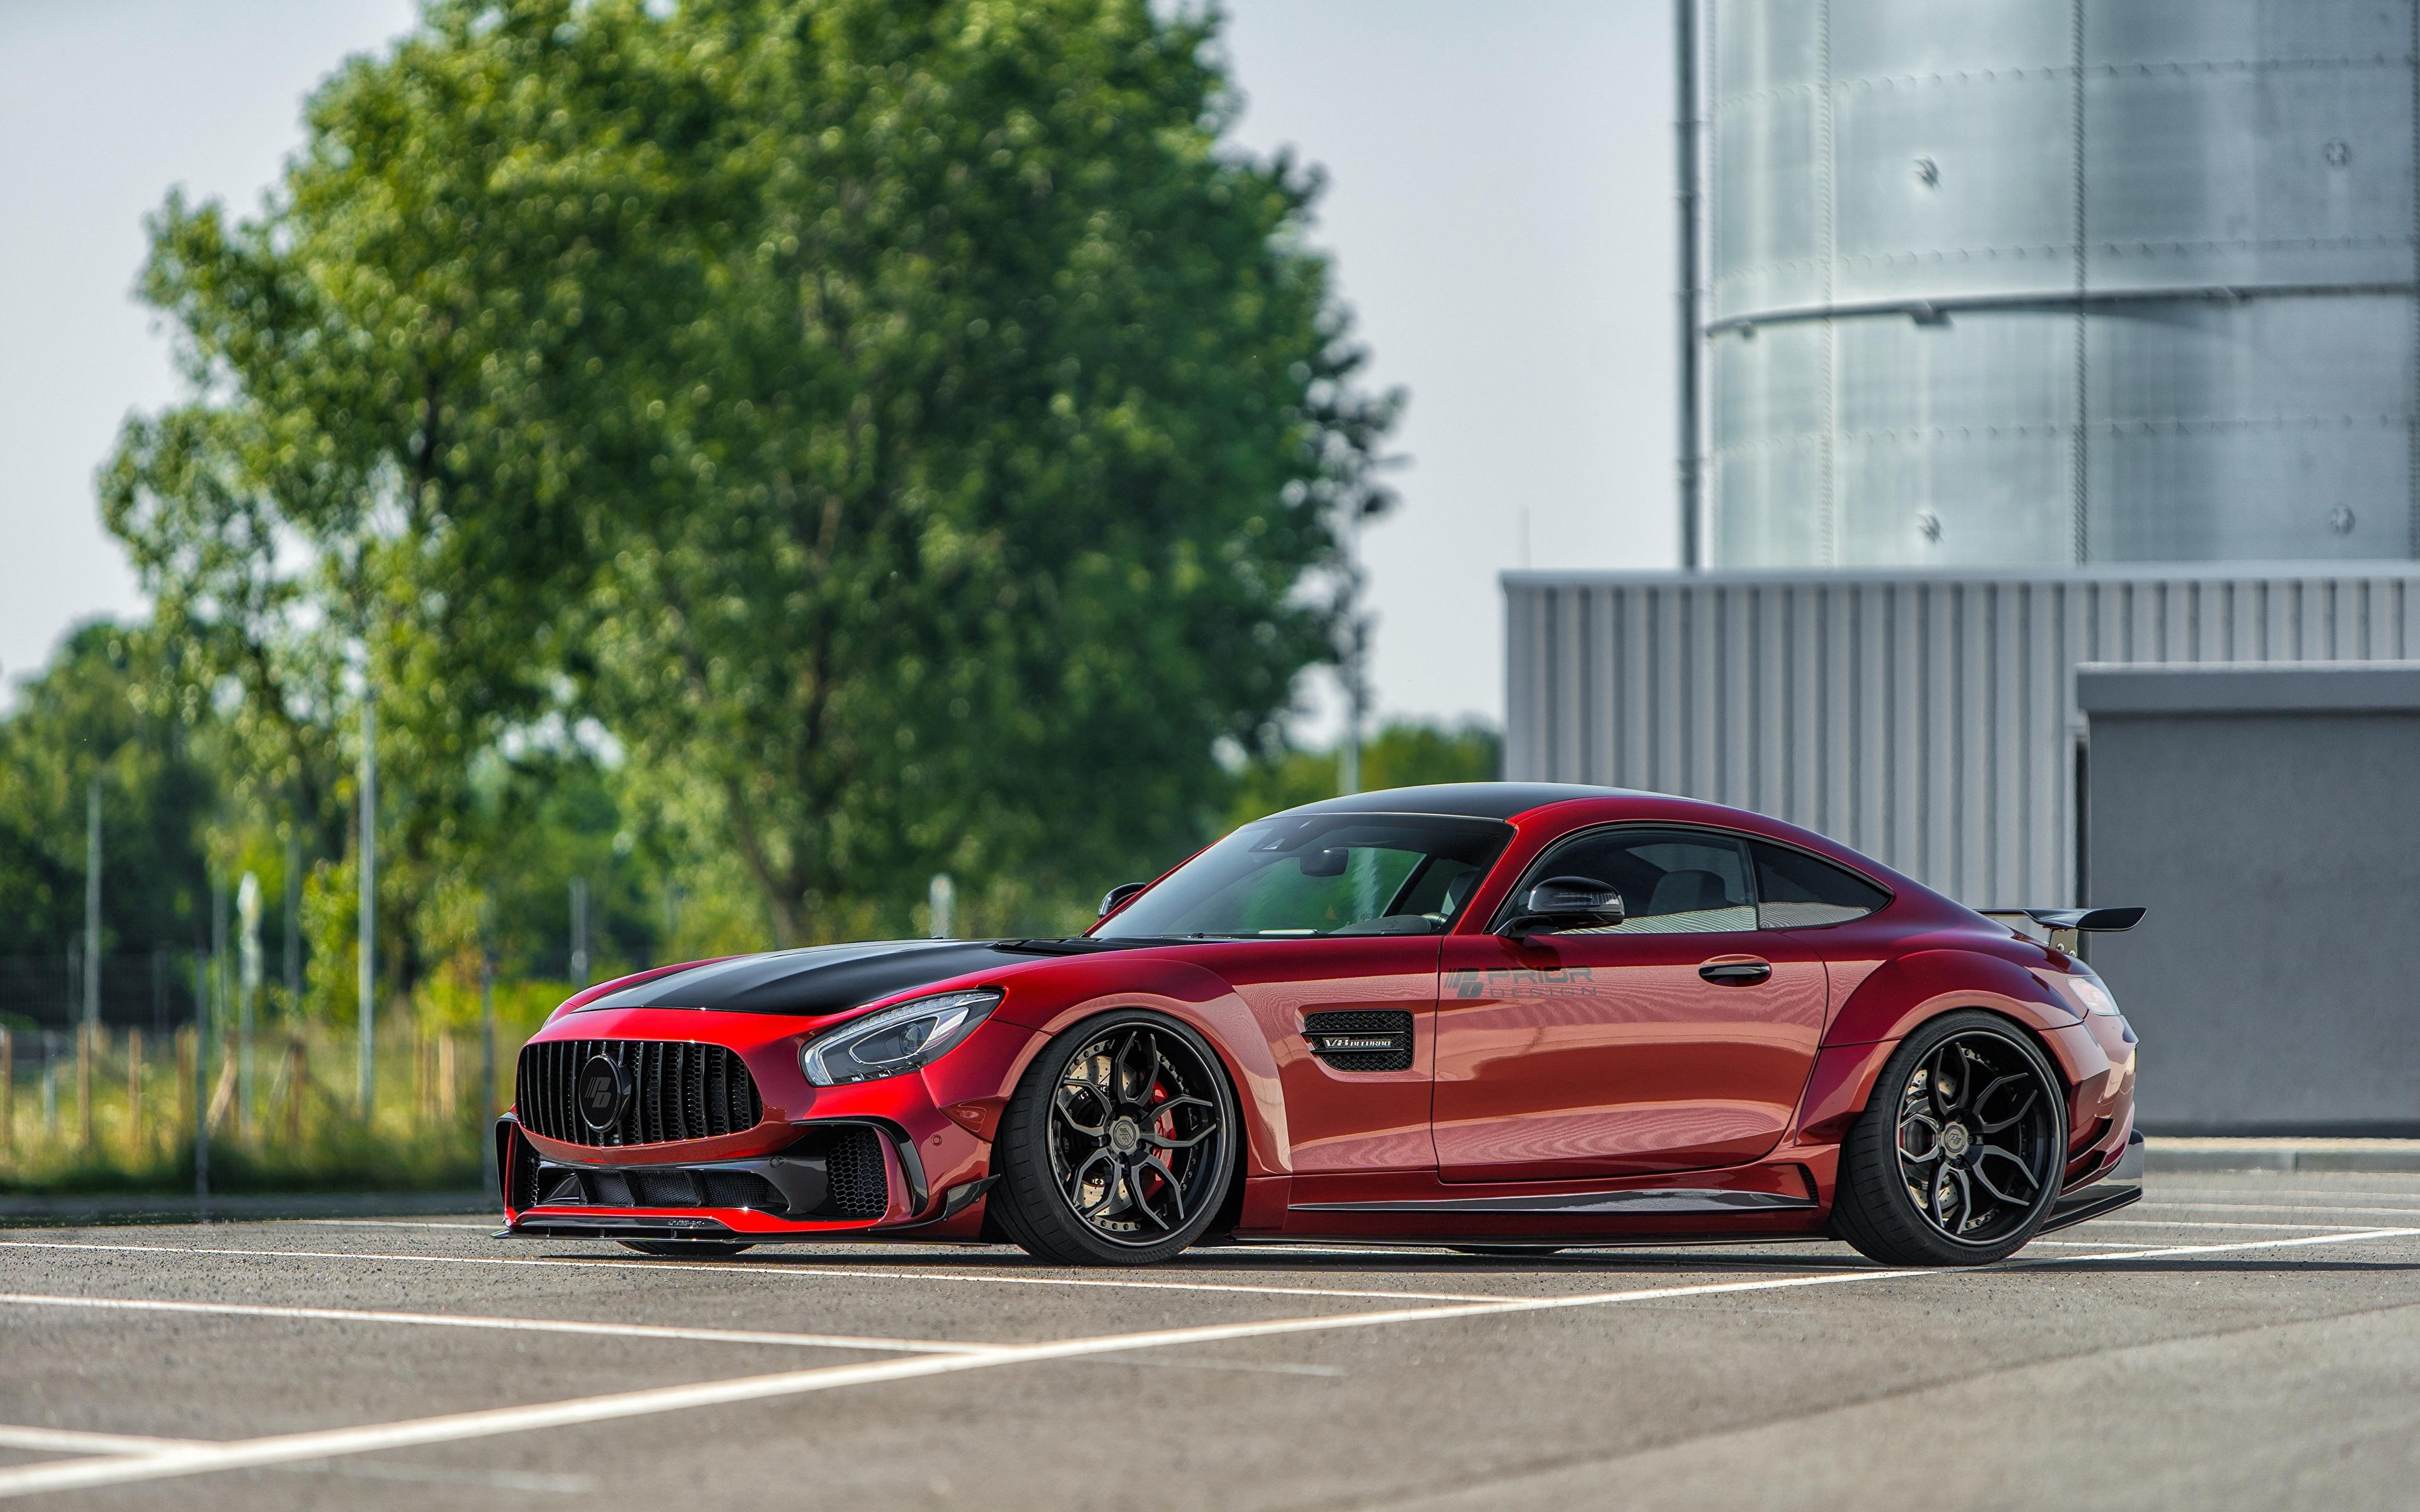 Фотографии Мерседес бенц AMG GT красных Сбоку машины Металлик 3840x2400 Mercedes-Benz красная красные Красный авто машина Автомобили автомобиль